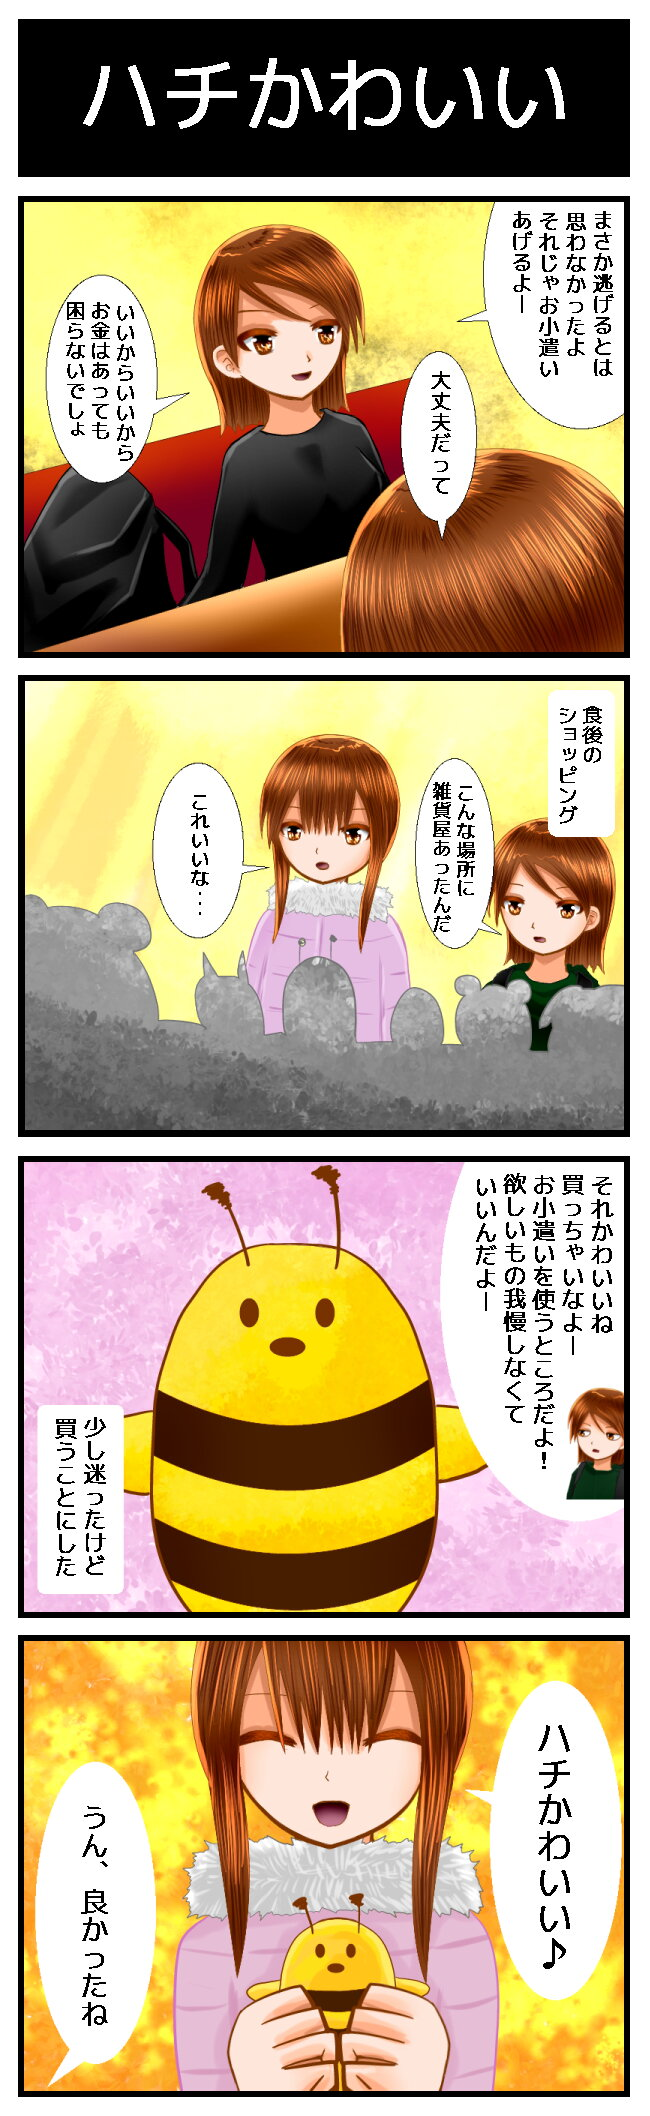 ハチかわいい